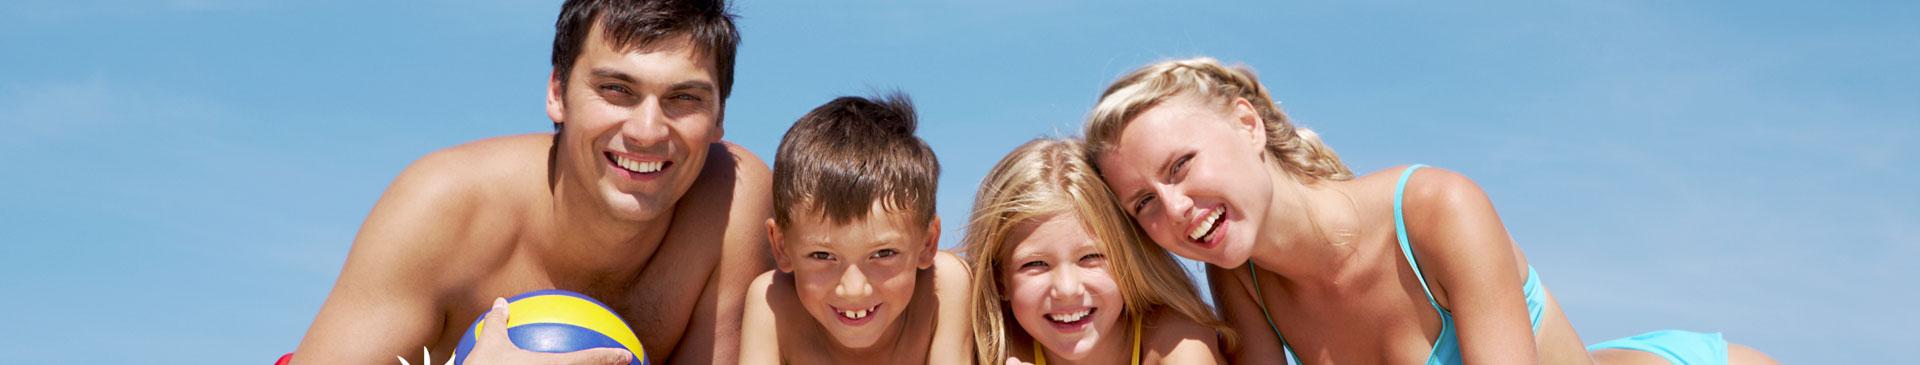 vacanze per famiglie toscana